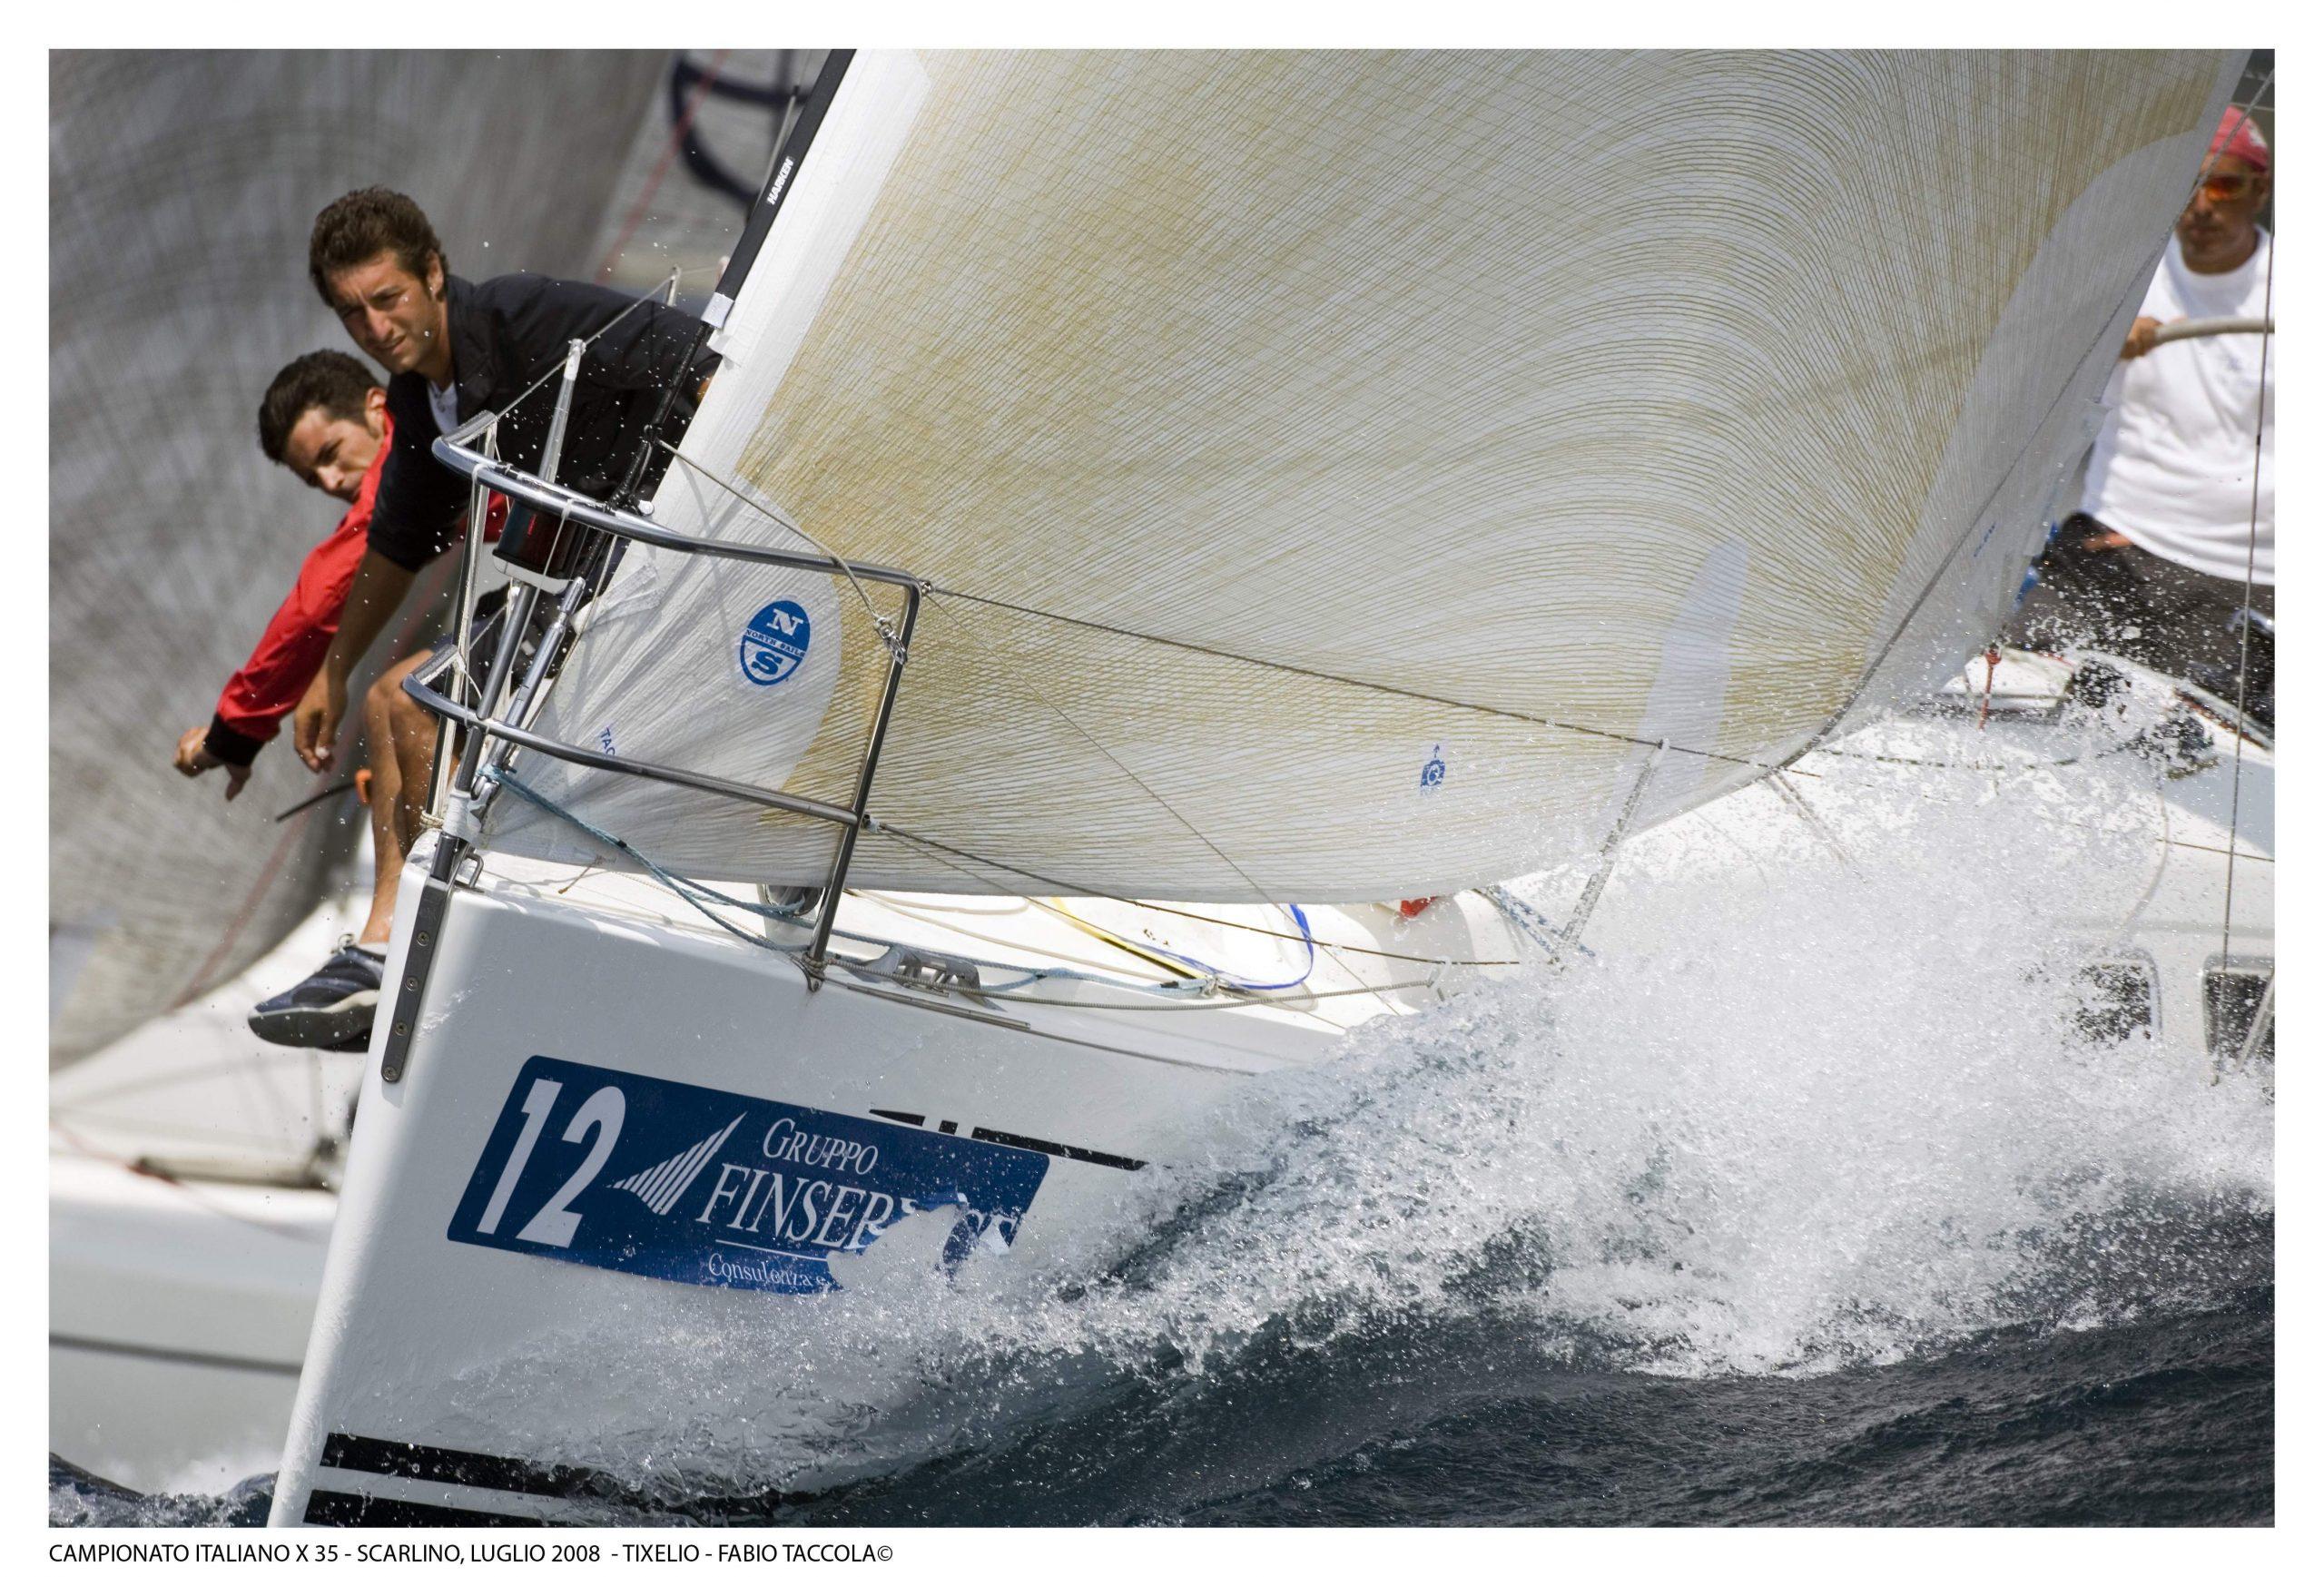 wassersport Sport d'acqua water sports